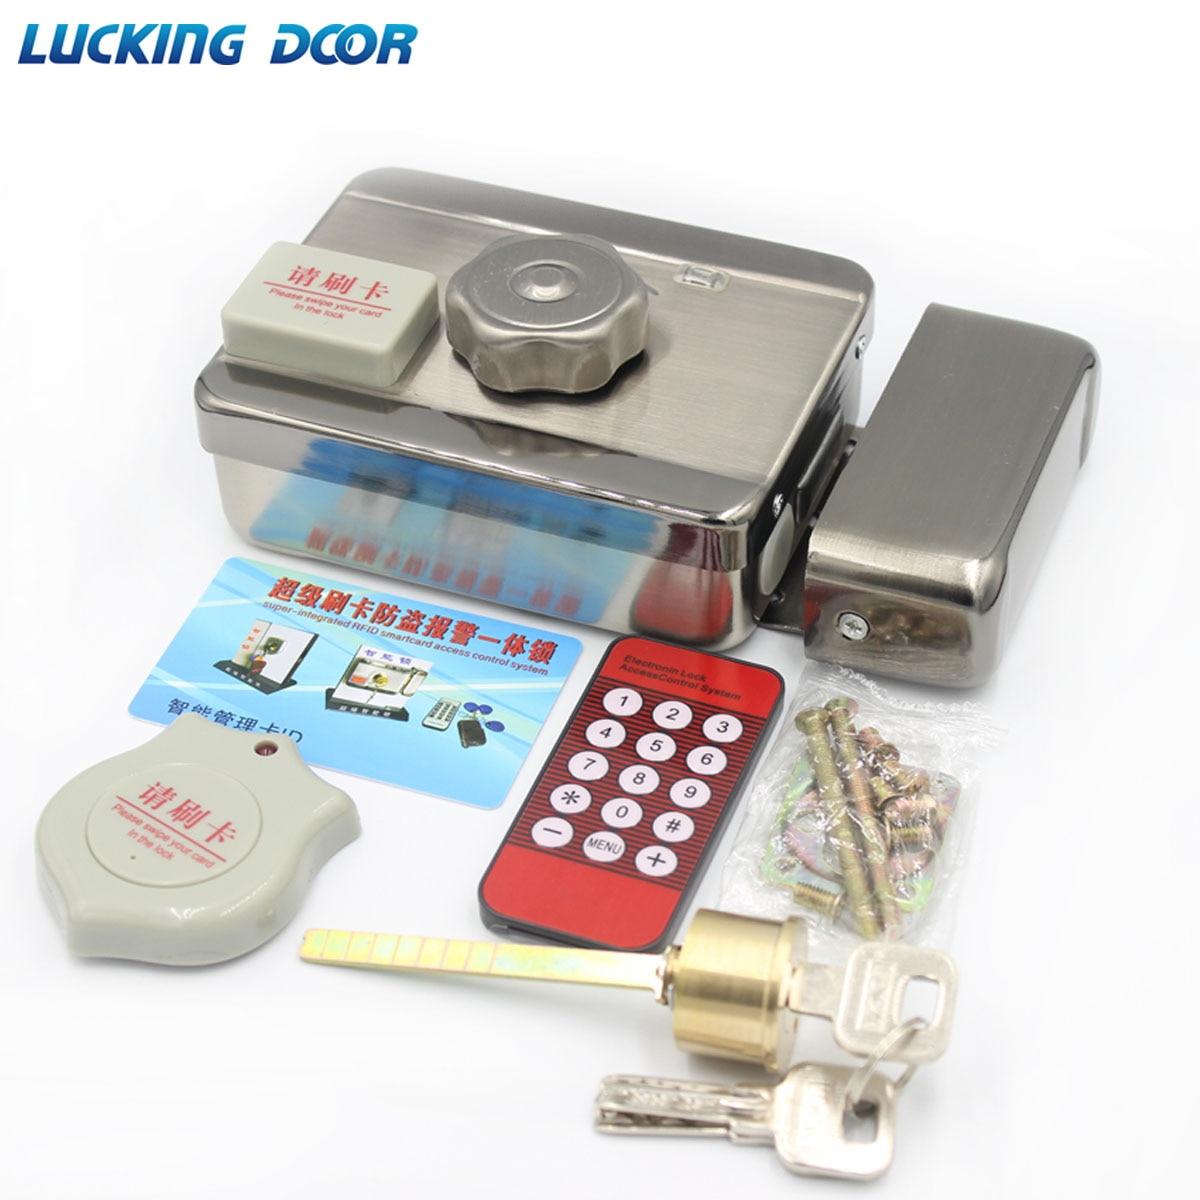 قفل باب إلكتروني ذكي يعمل بتقنية RFID ، ونظام التحكم في الوصول إلى الباب بالحث الكهربائي ، و 12 فولت تيار مستمر